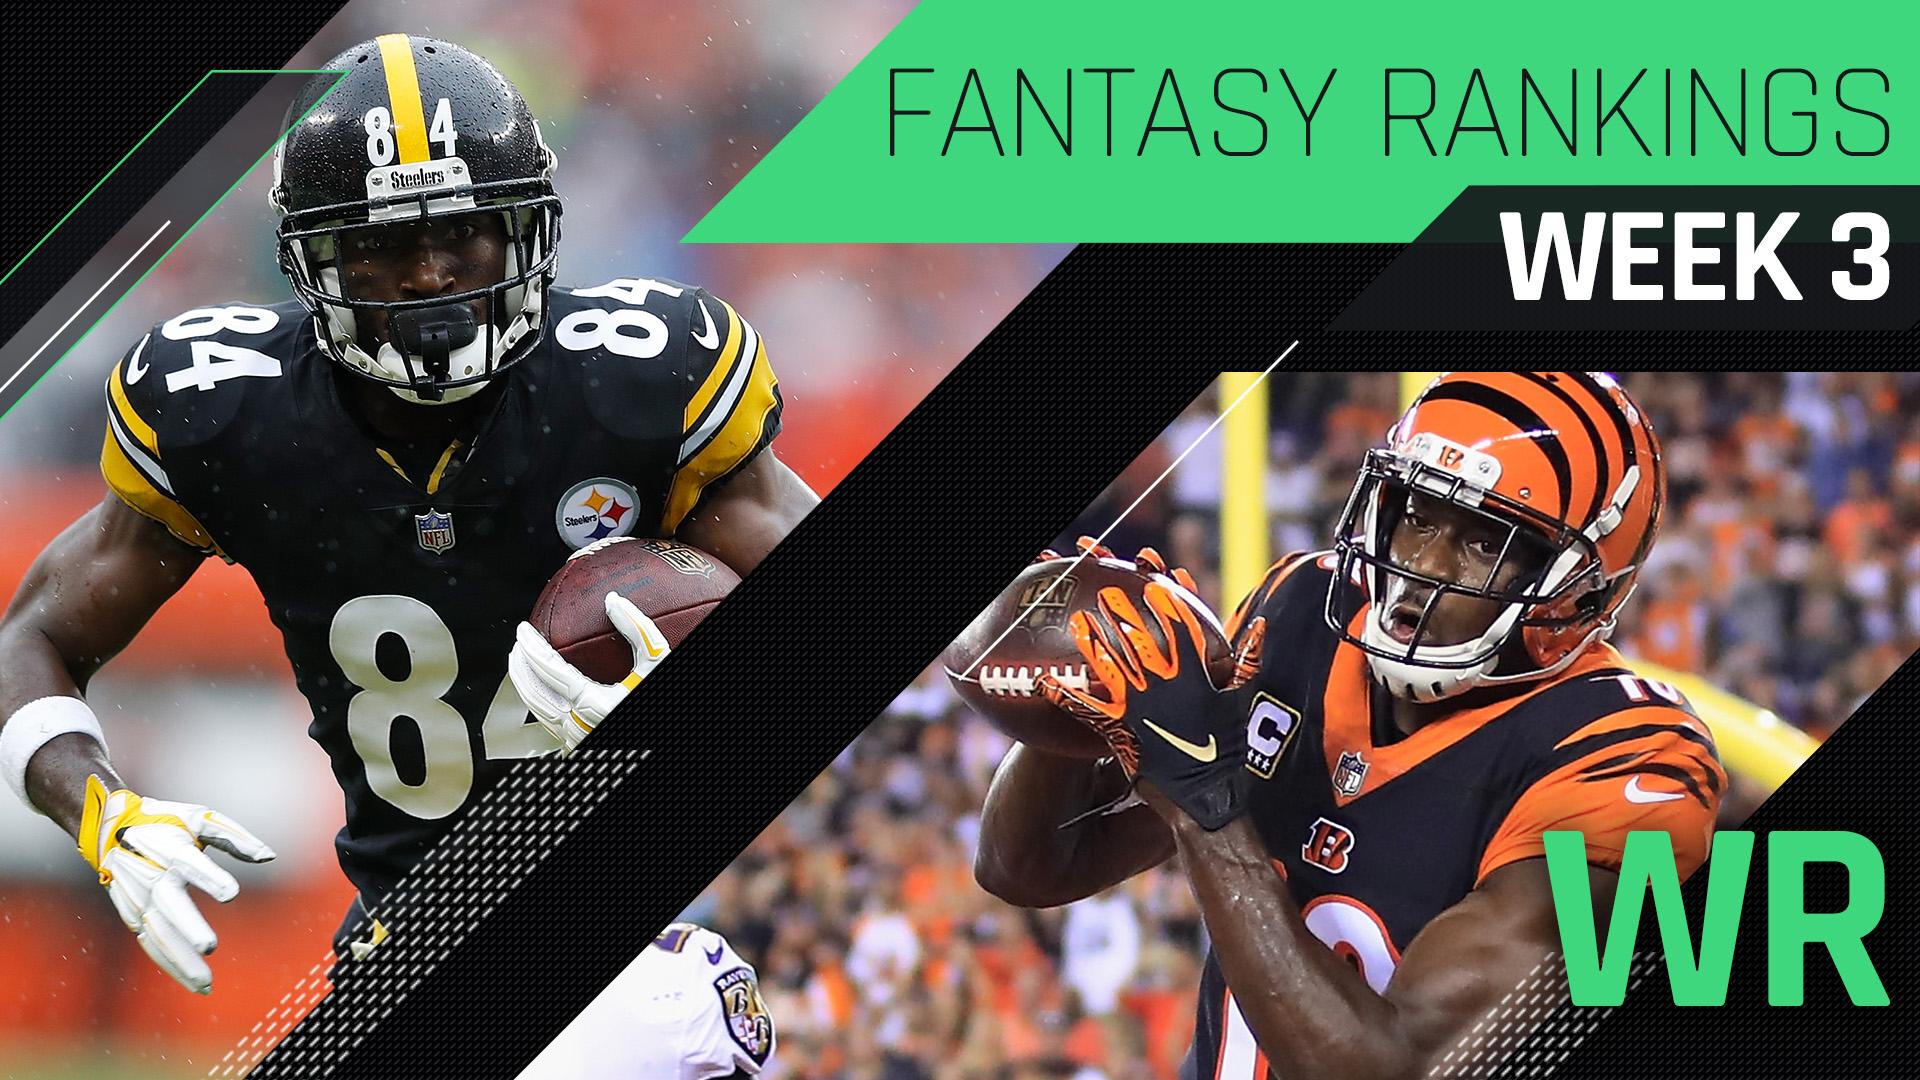 Week 3 Fantasy Rankings: Wide receiver